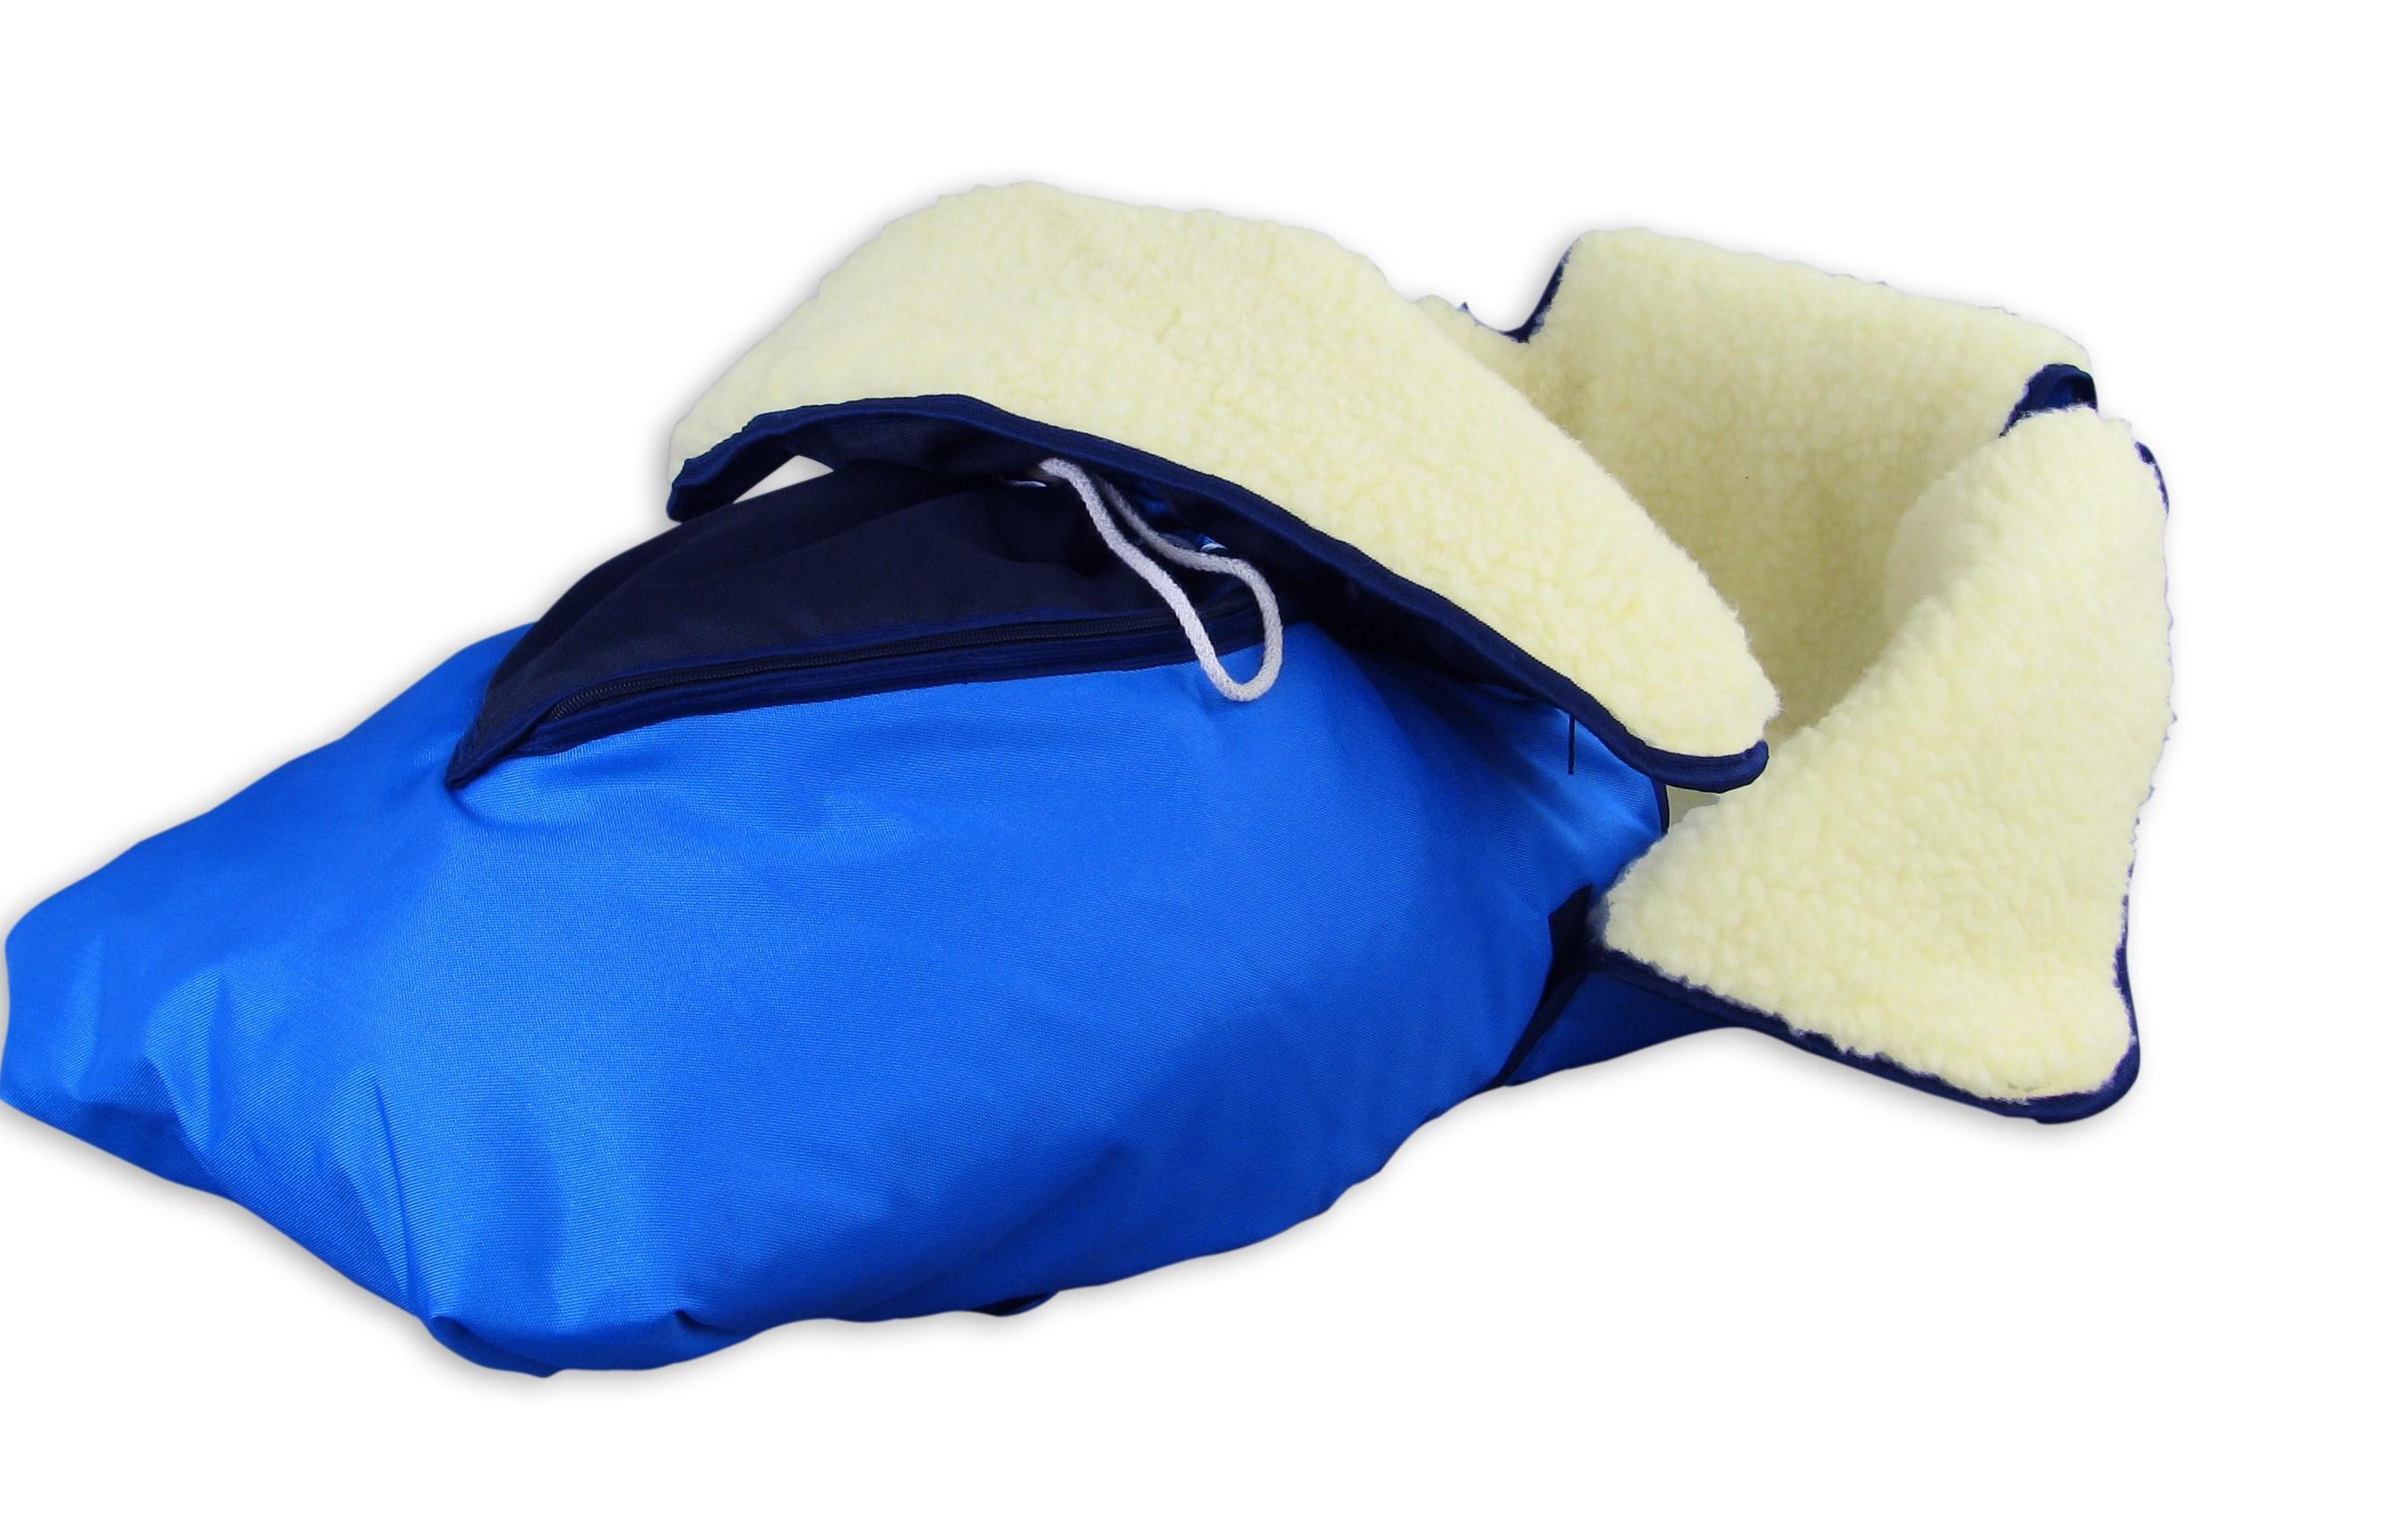 24.30-blau Fußsack mit Lammwolle Winterfußsack Schlittensack für ...